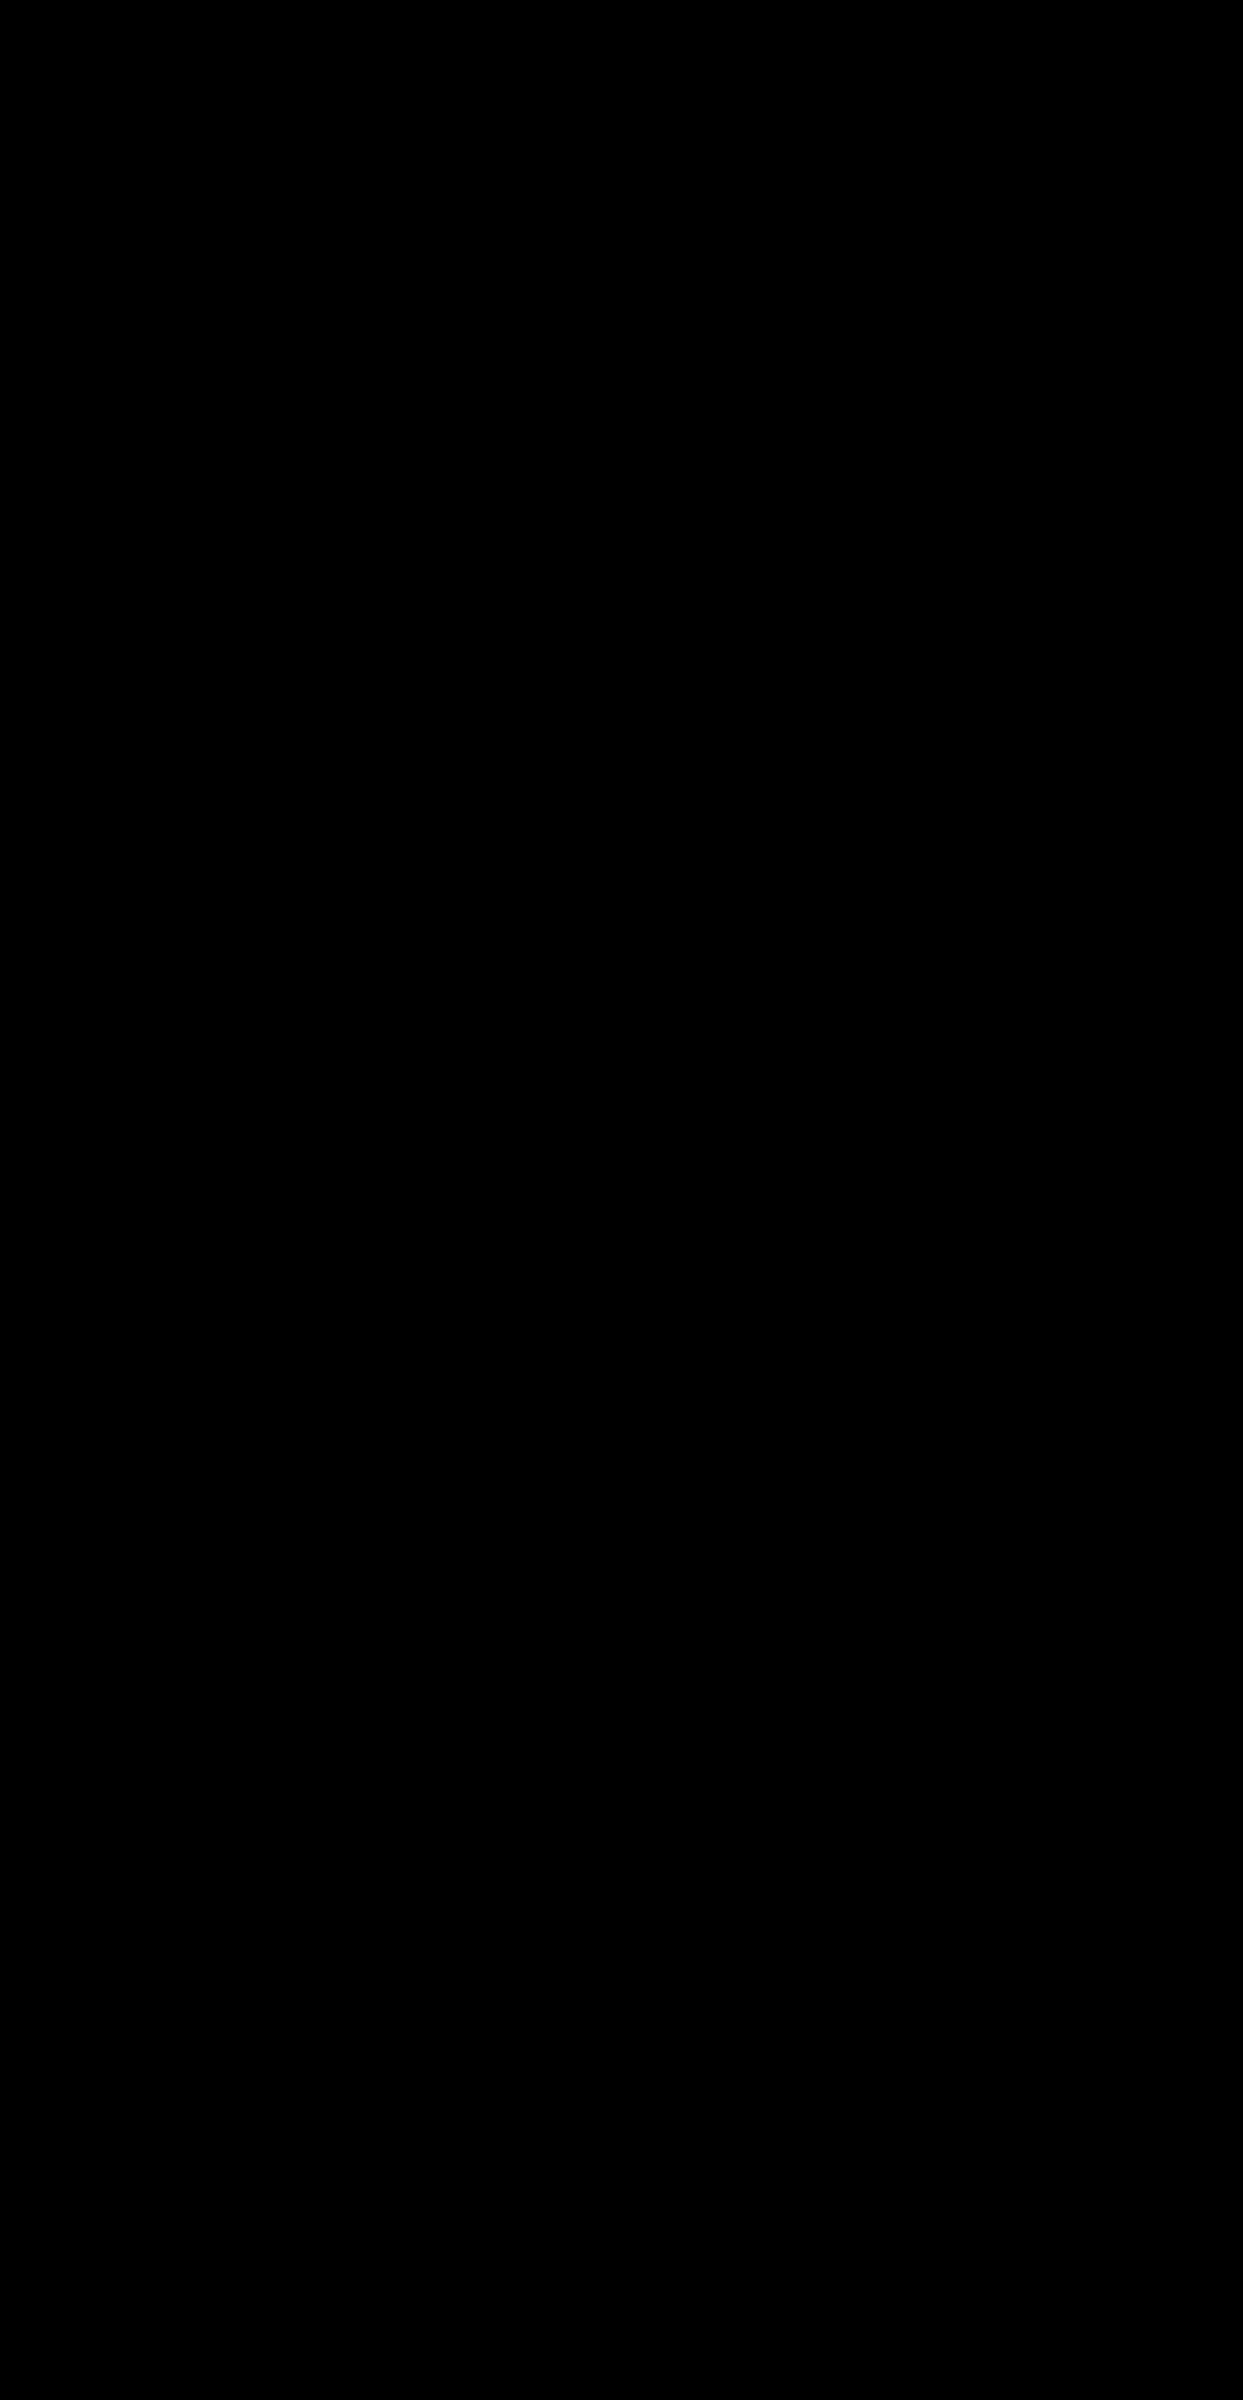 pinecone clipart border